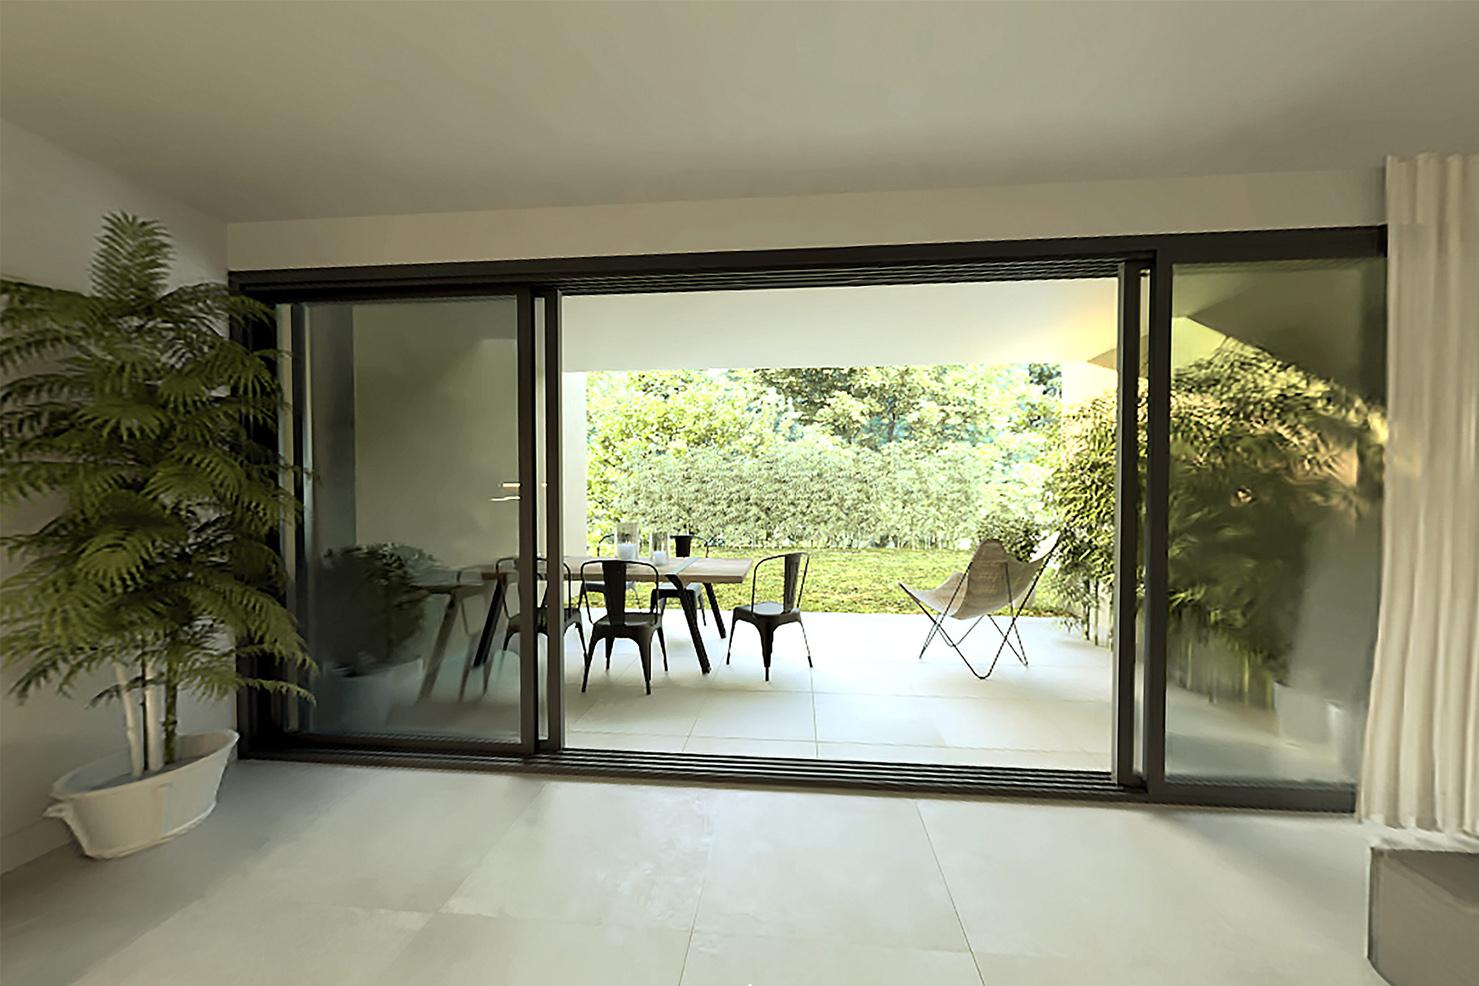 B03_visuel-2_Domaine-des-Grands-Cedres_achat-appartement-Uzès-Gard-Sud-de-la-France